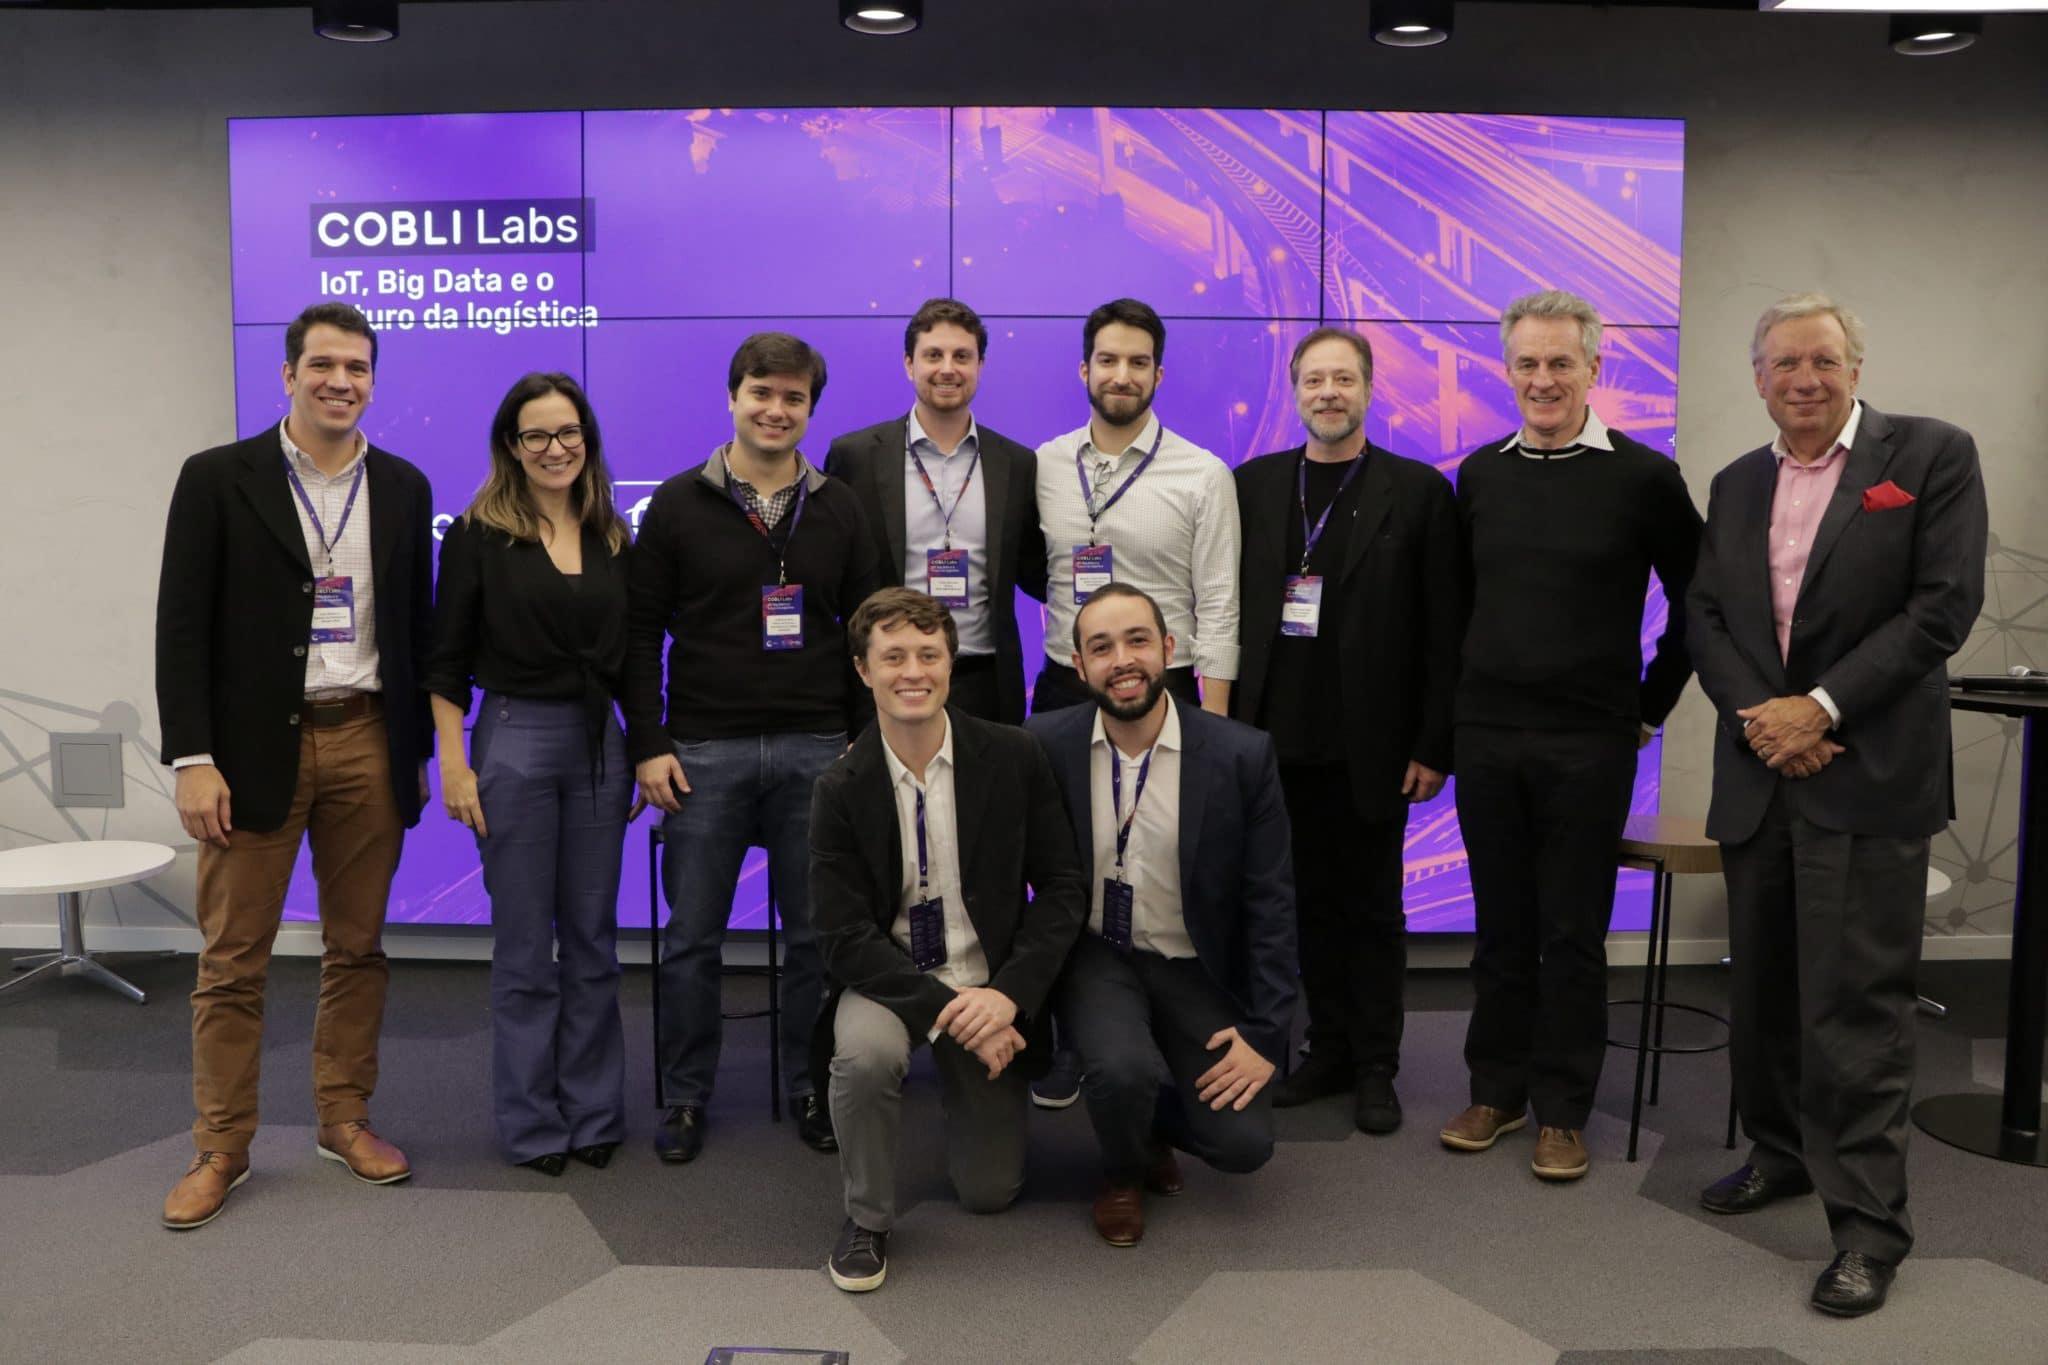 Cobli reúne referências do mercado para discutir sobre IoT, Big Data e o futuro da logística em evento